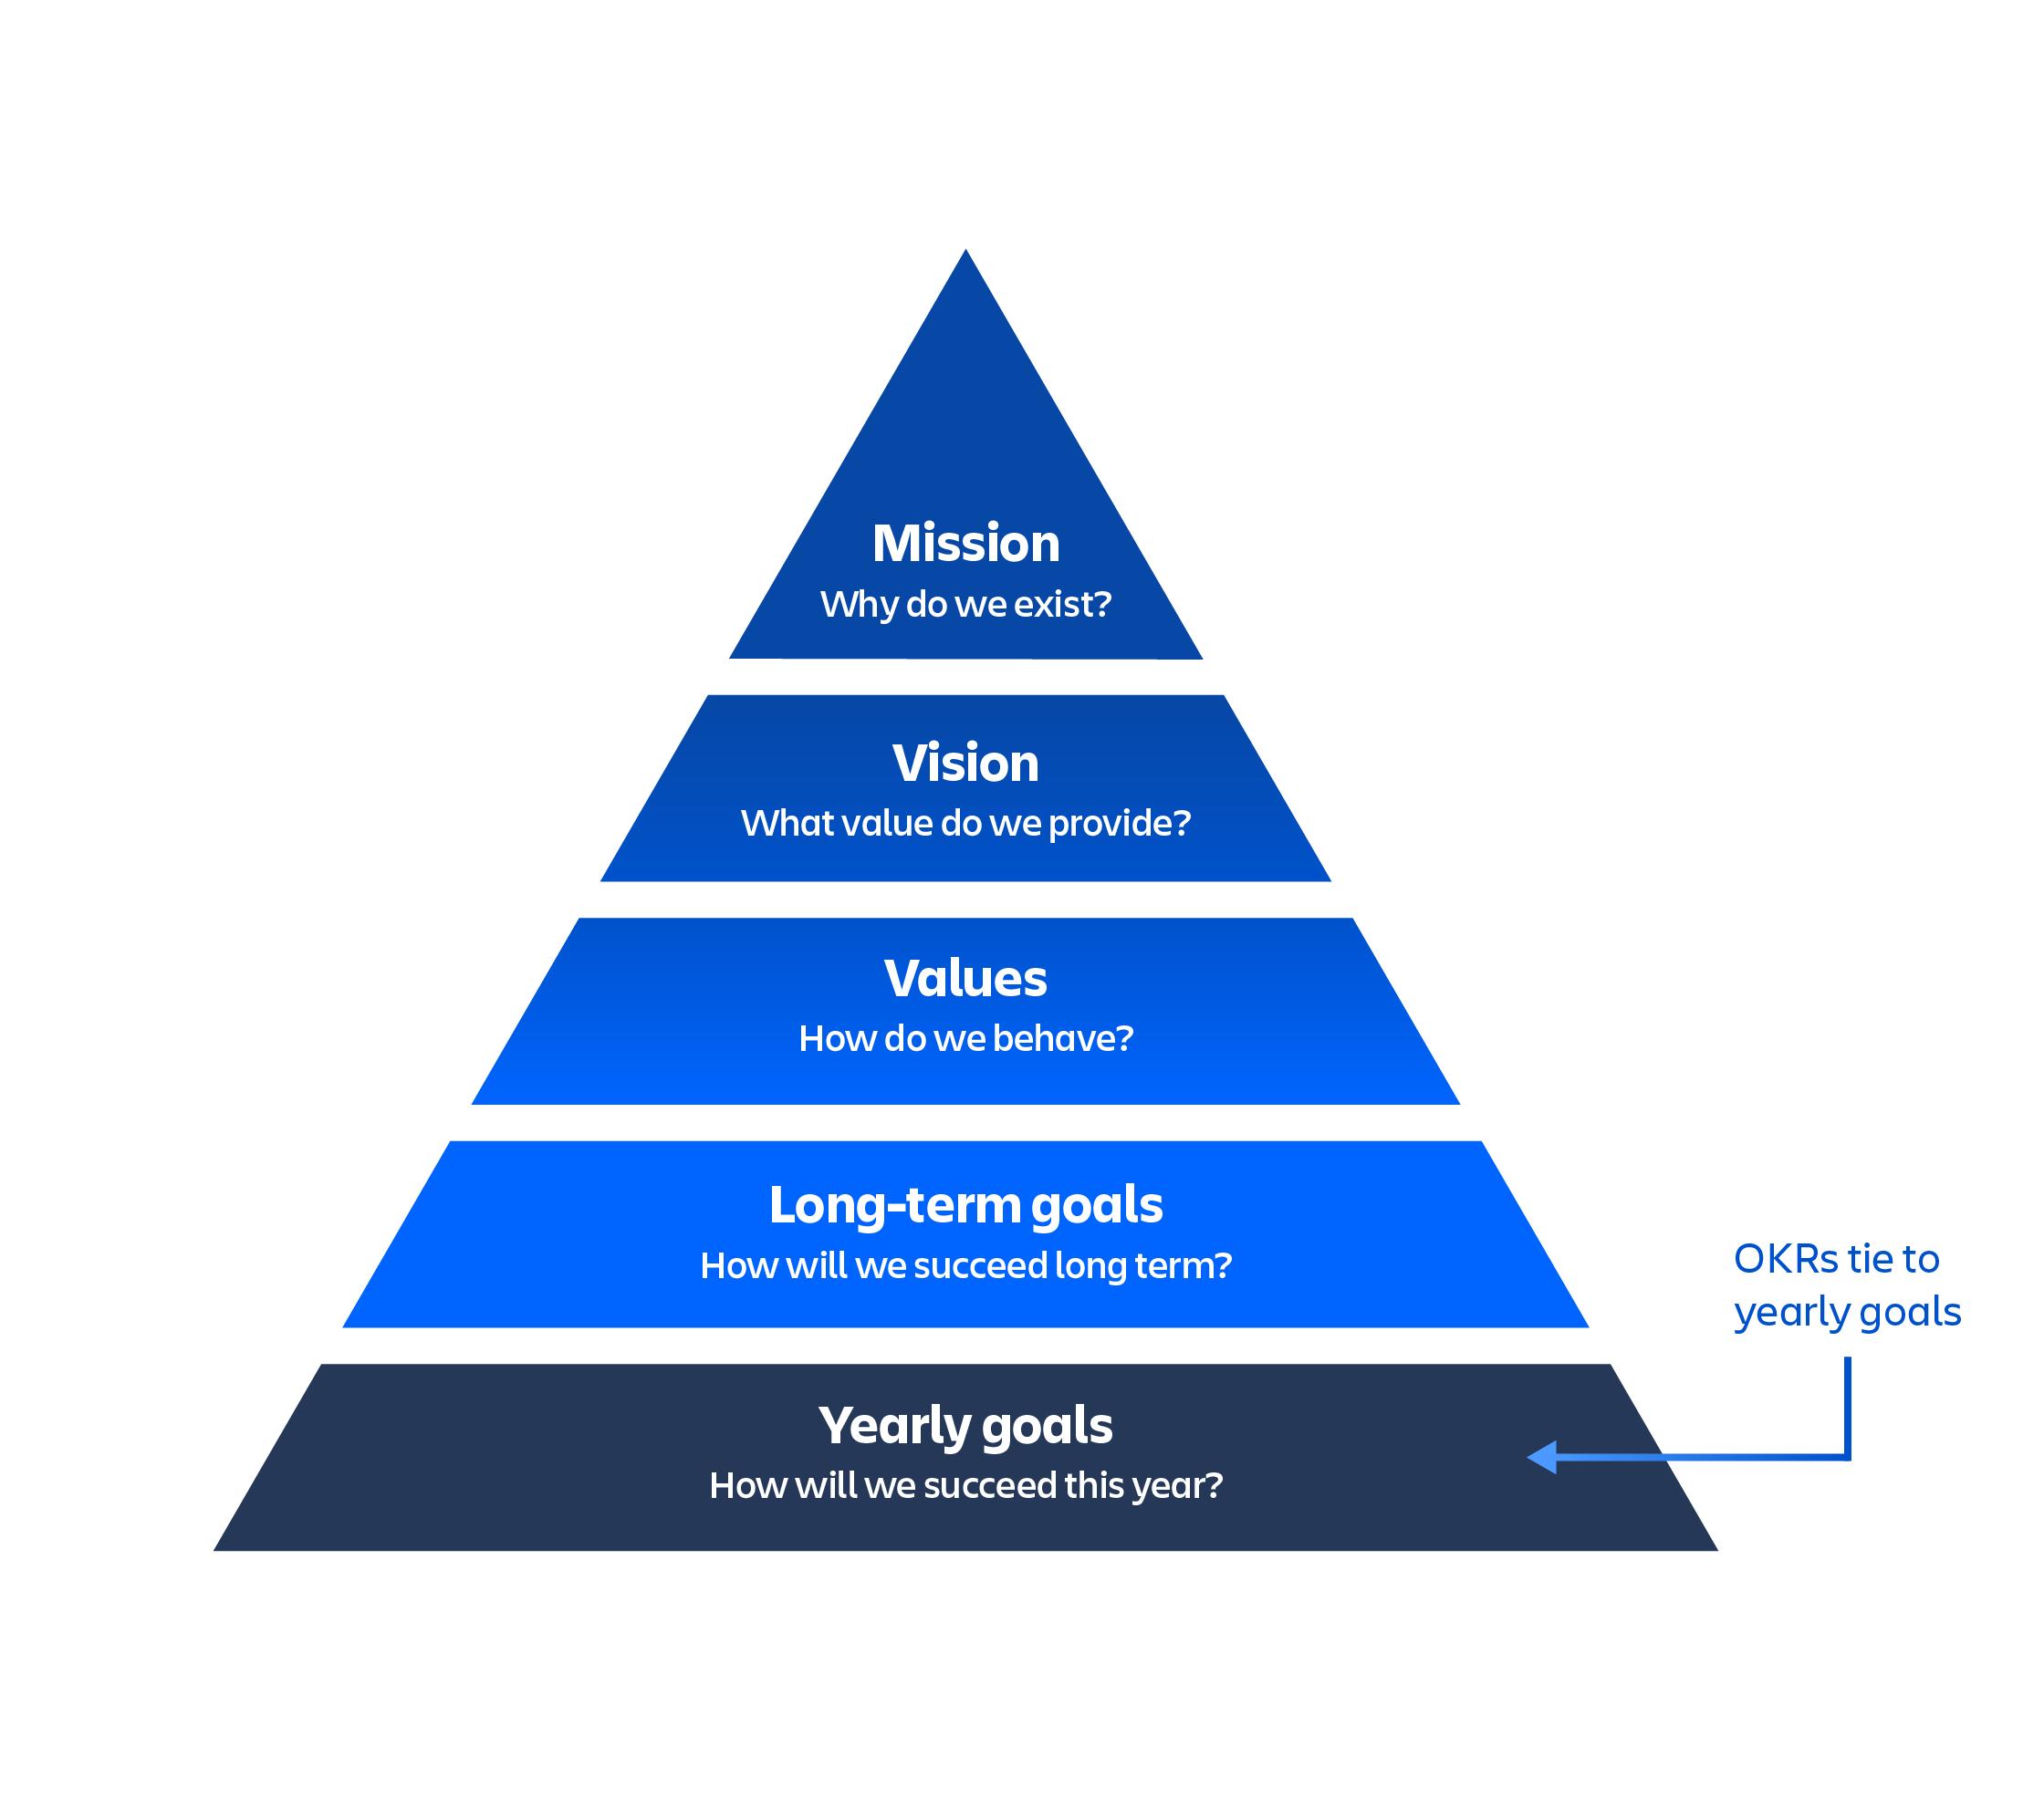 以年度目标为基础的OKRs金字塔